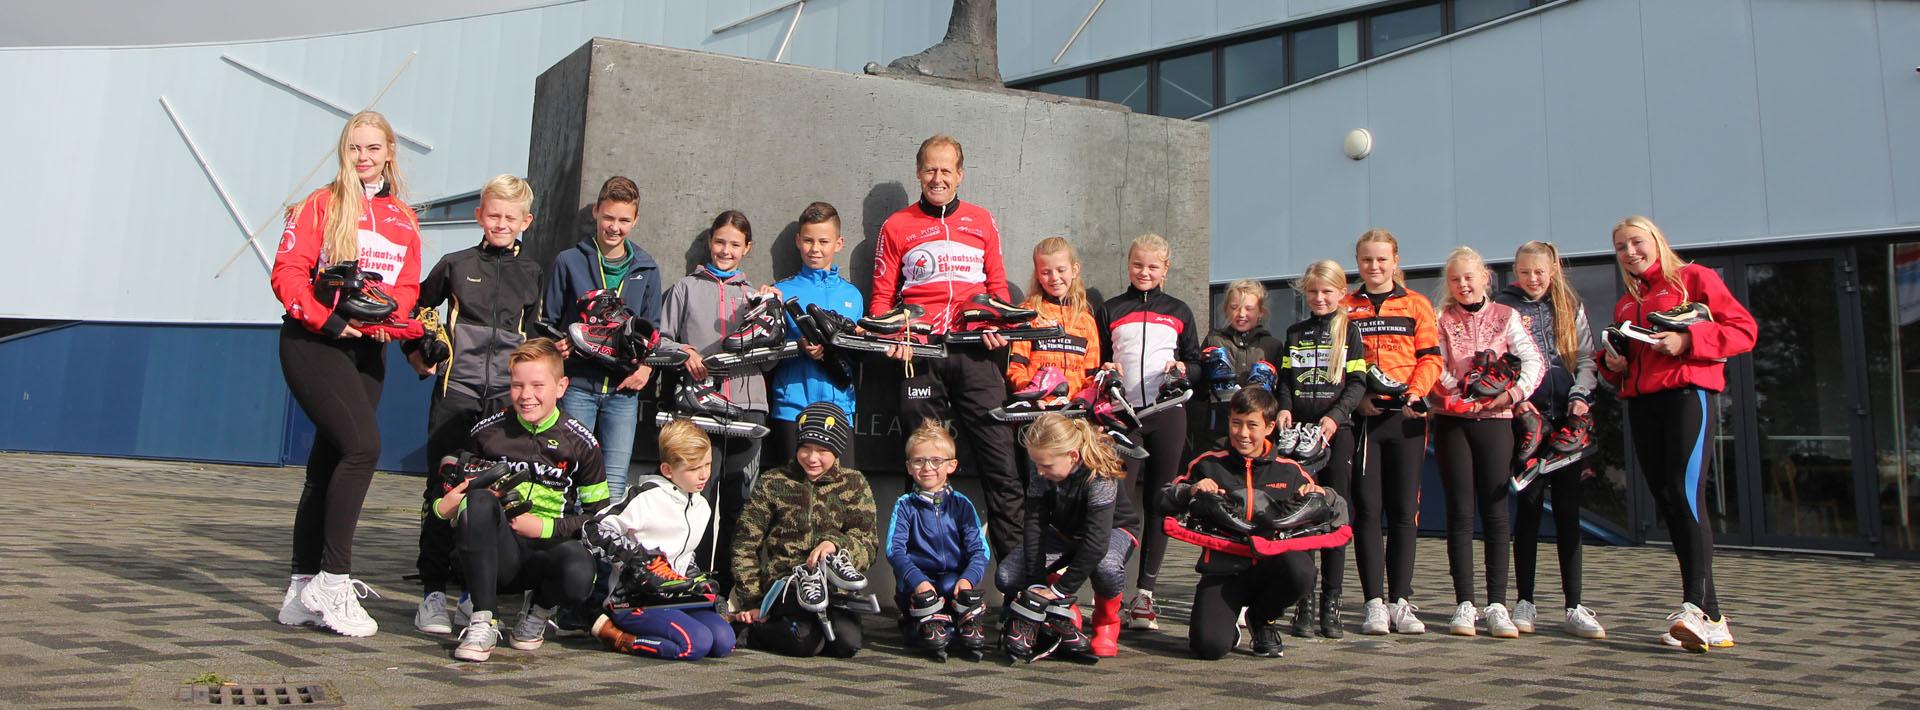 Schaatsles-Schaatstraining-Friesland-Elfstedenhal-Leeuwarden-Schaatsschool-Eleven-2020-2021-Aanbod2